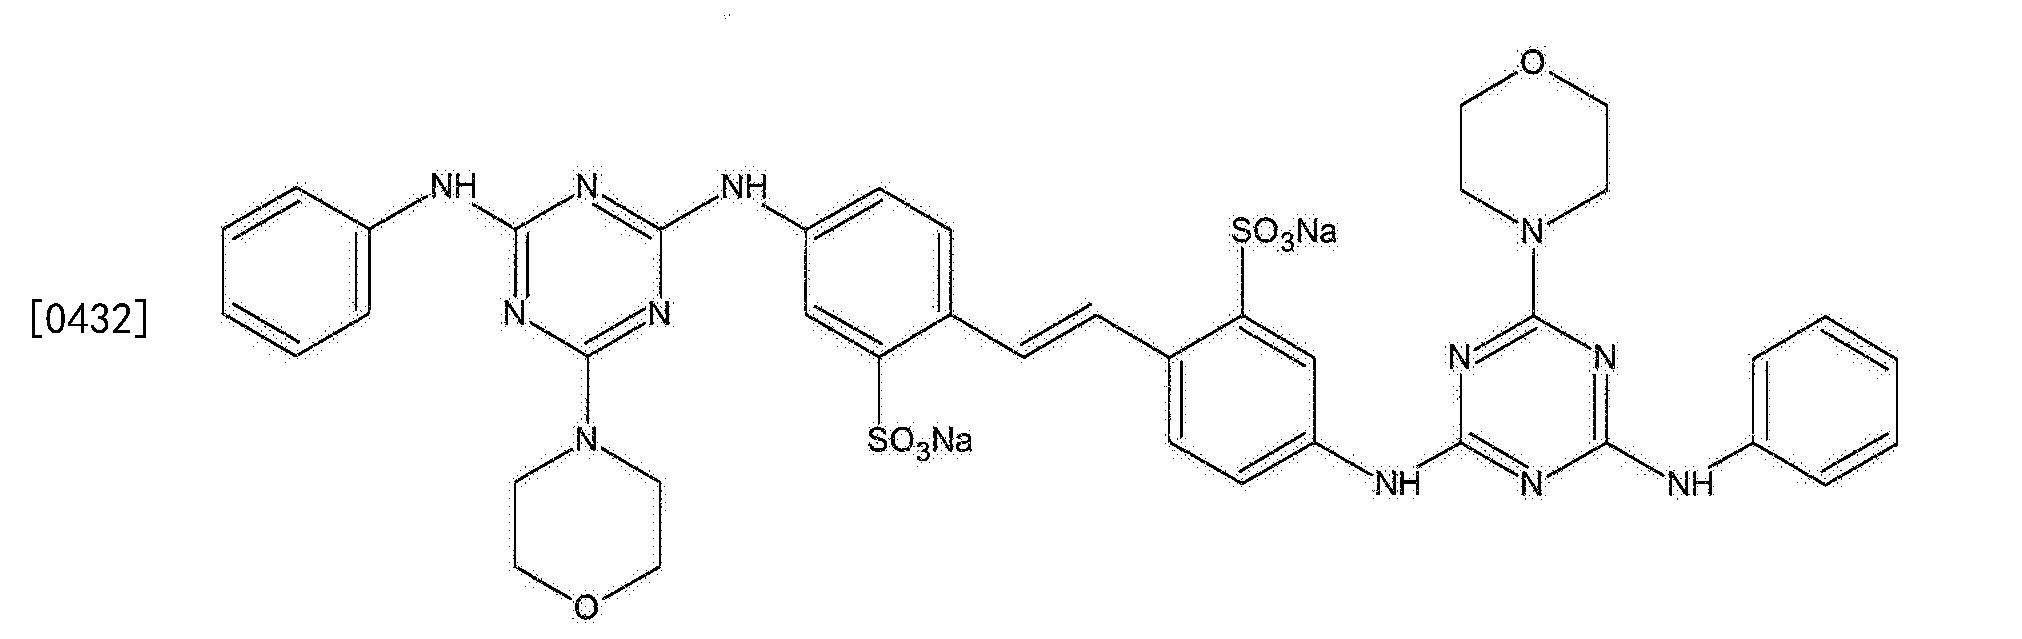 Figure CN103764823BD01572